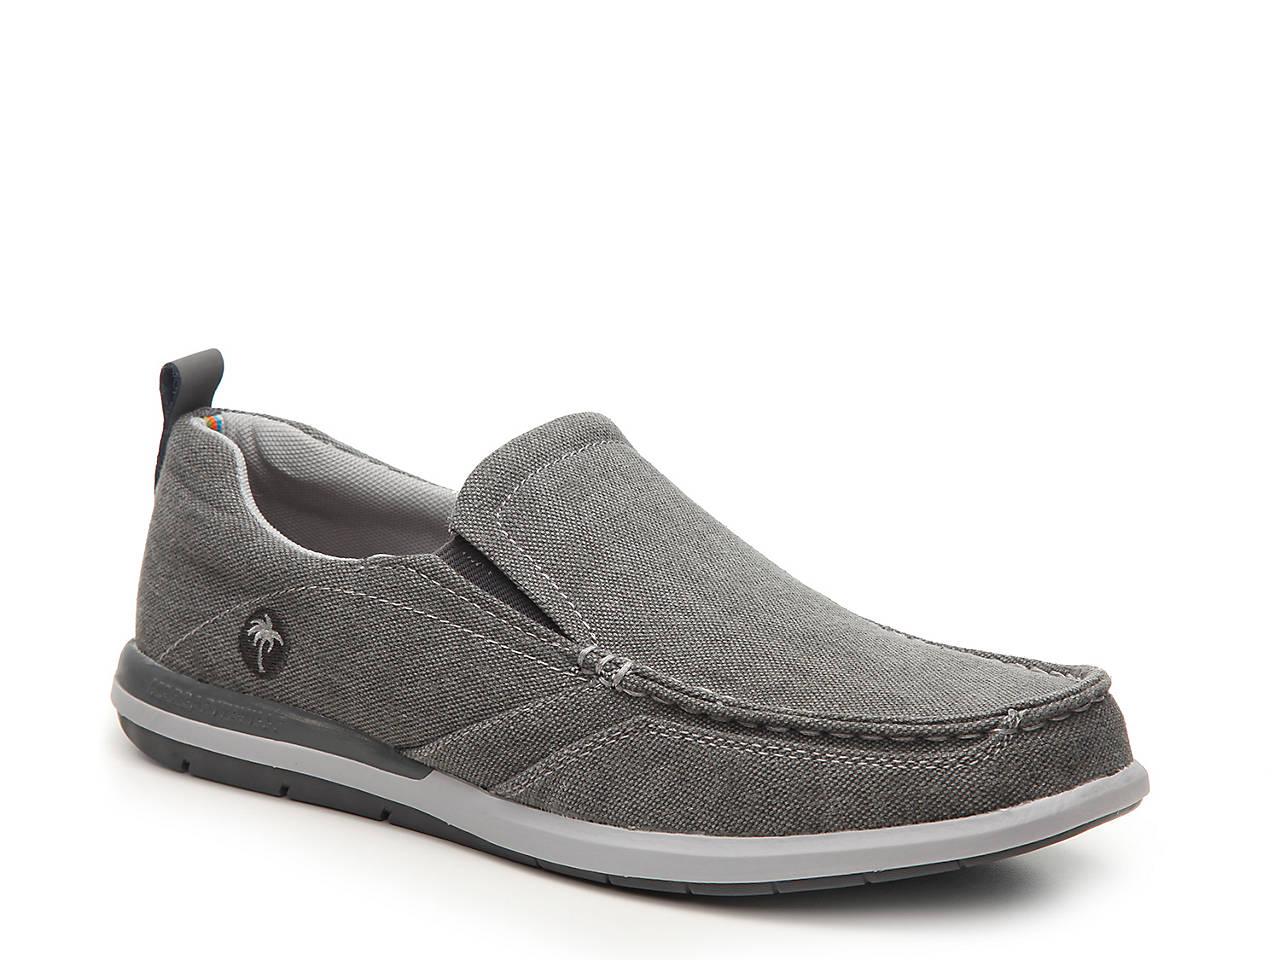 7f09c3716966 Margaritaville Marina Slip-On Men s Shoes